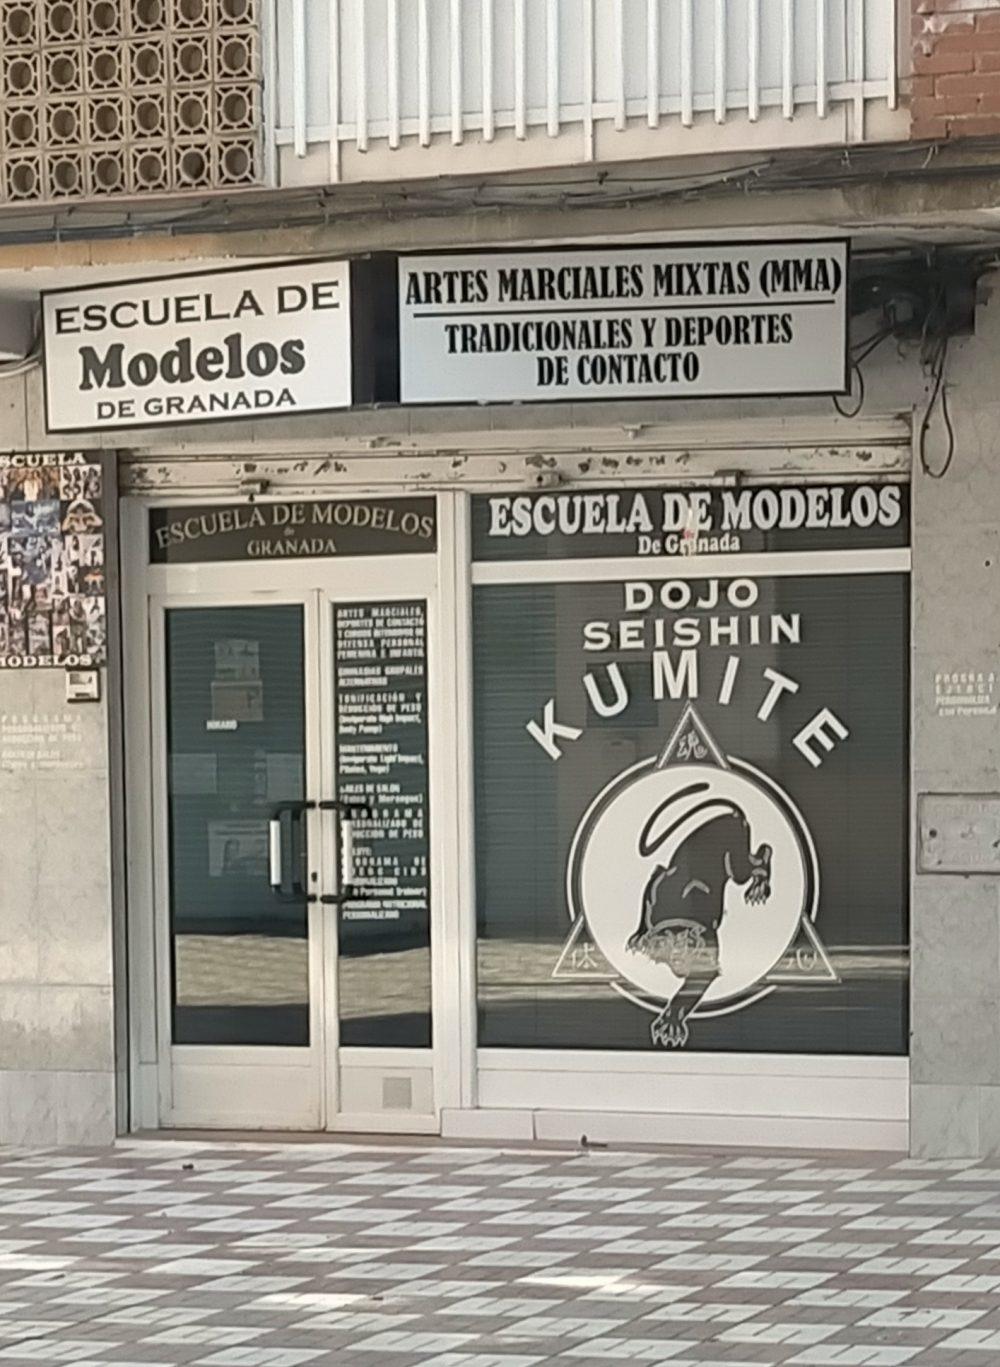 Escuela de modelos... NINJAS